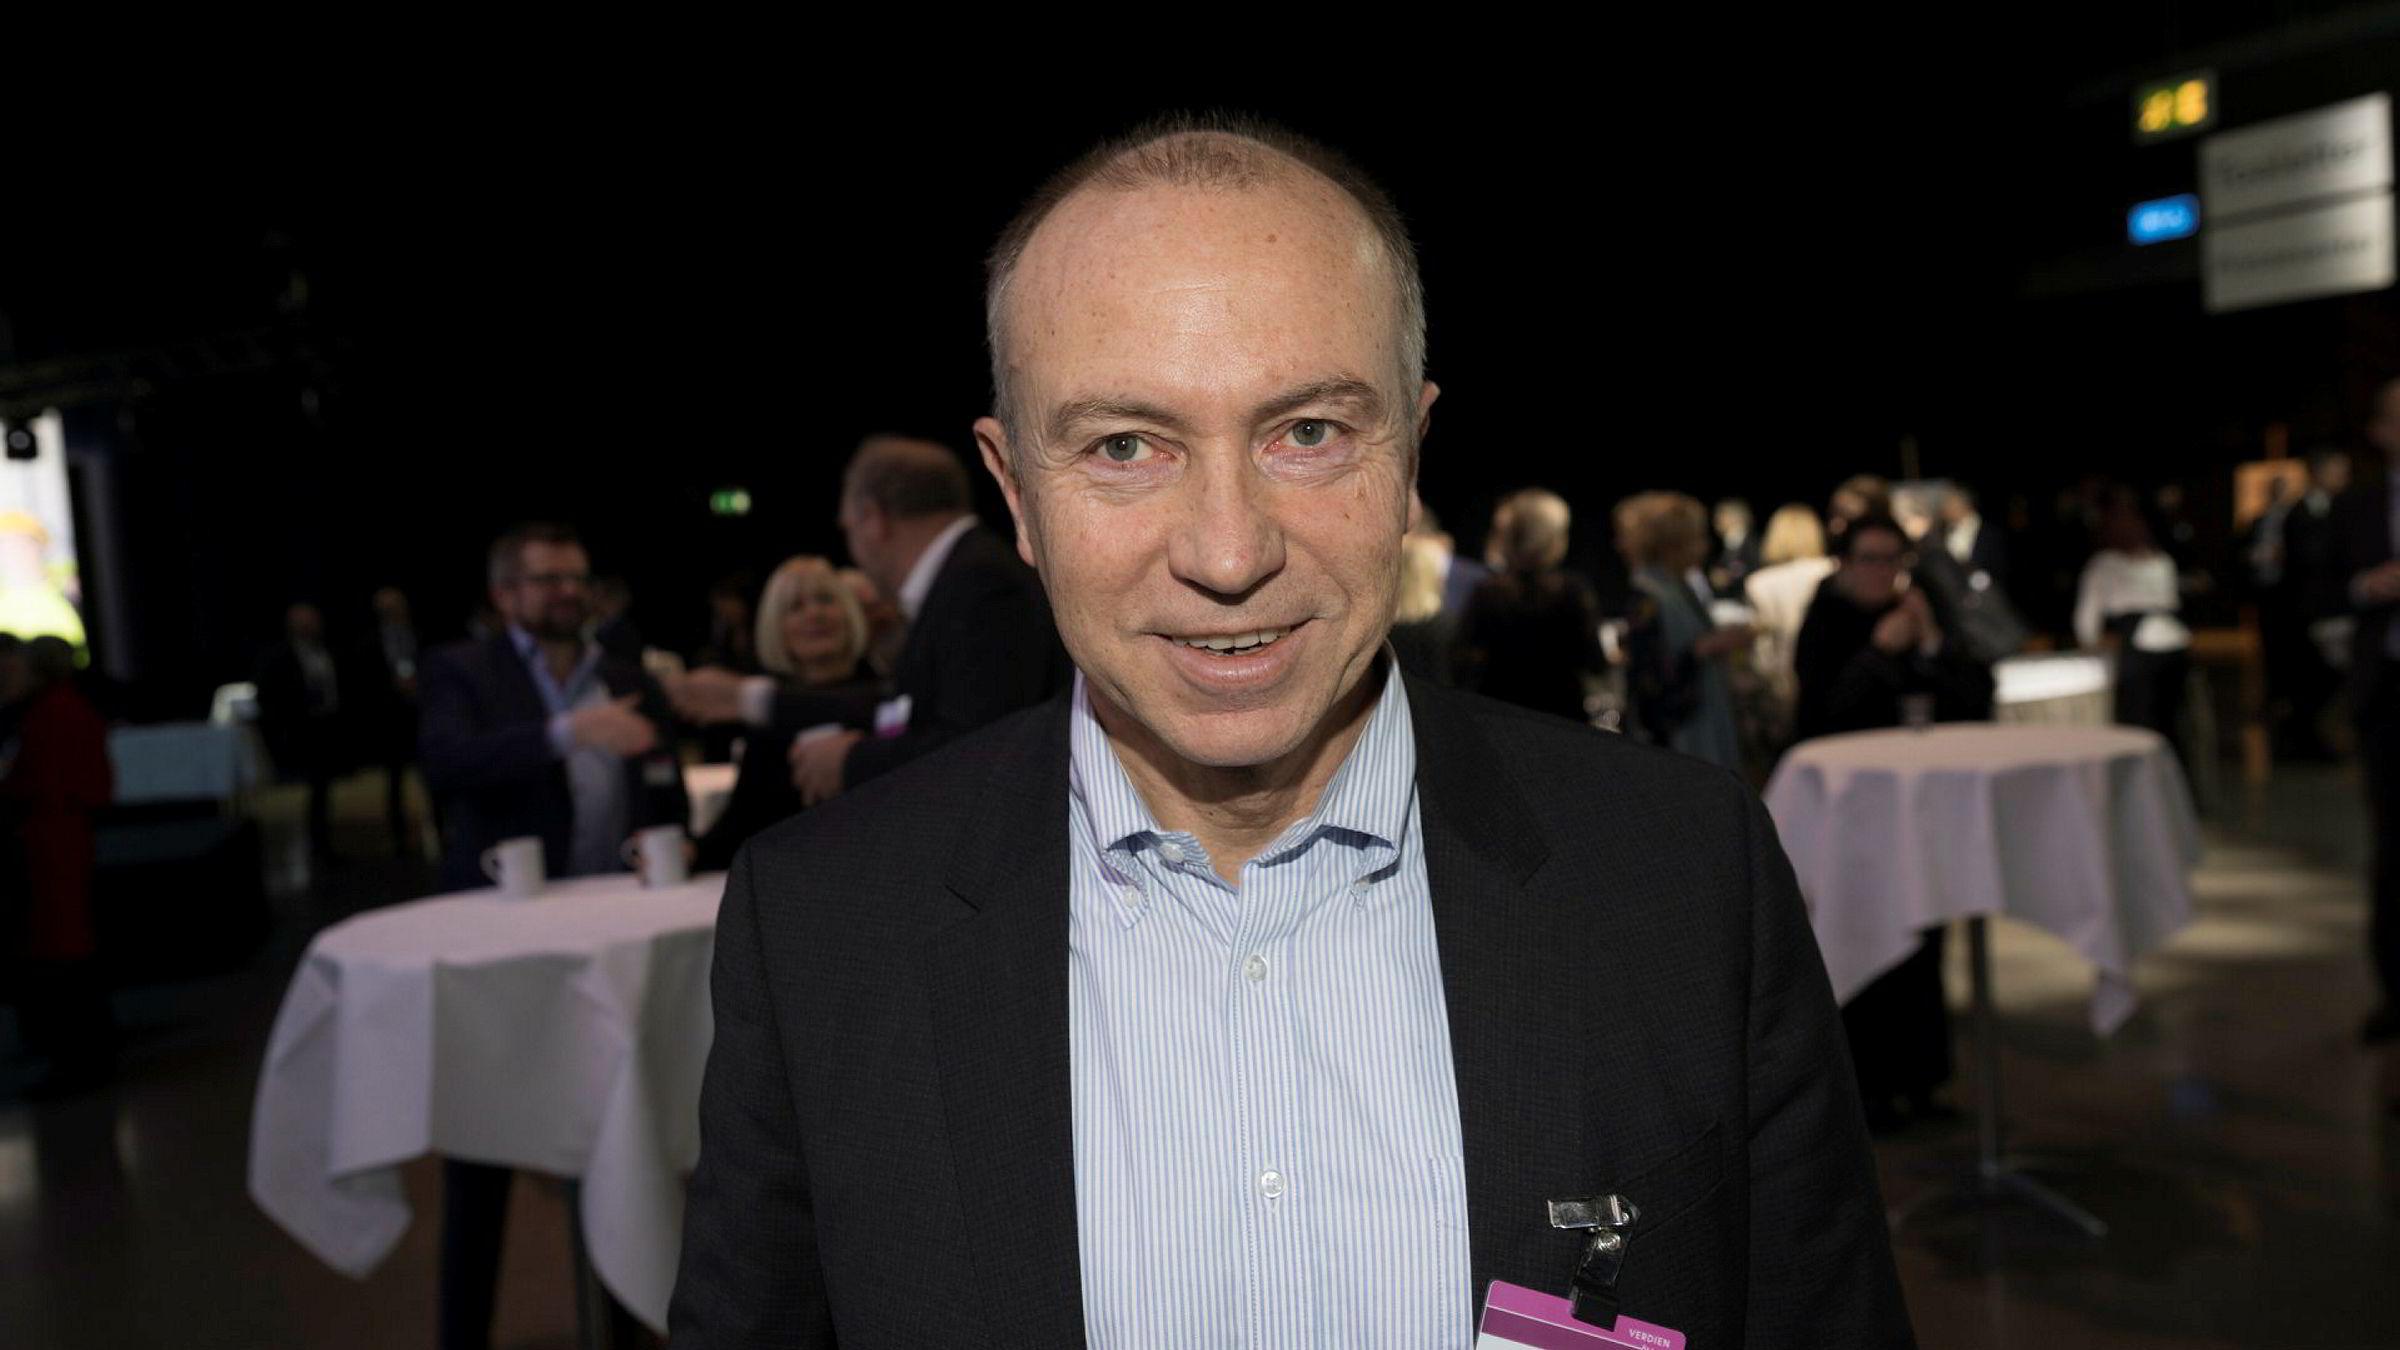 Statkraft og konsernsjef Christian Rynning Tønnesen forøker å få store internasjonale selskaper til å bygge datasentre i Norge. Her er Rynning Tønnesen under NHOs årskonferanse.